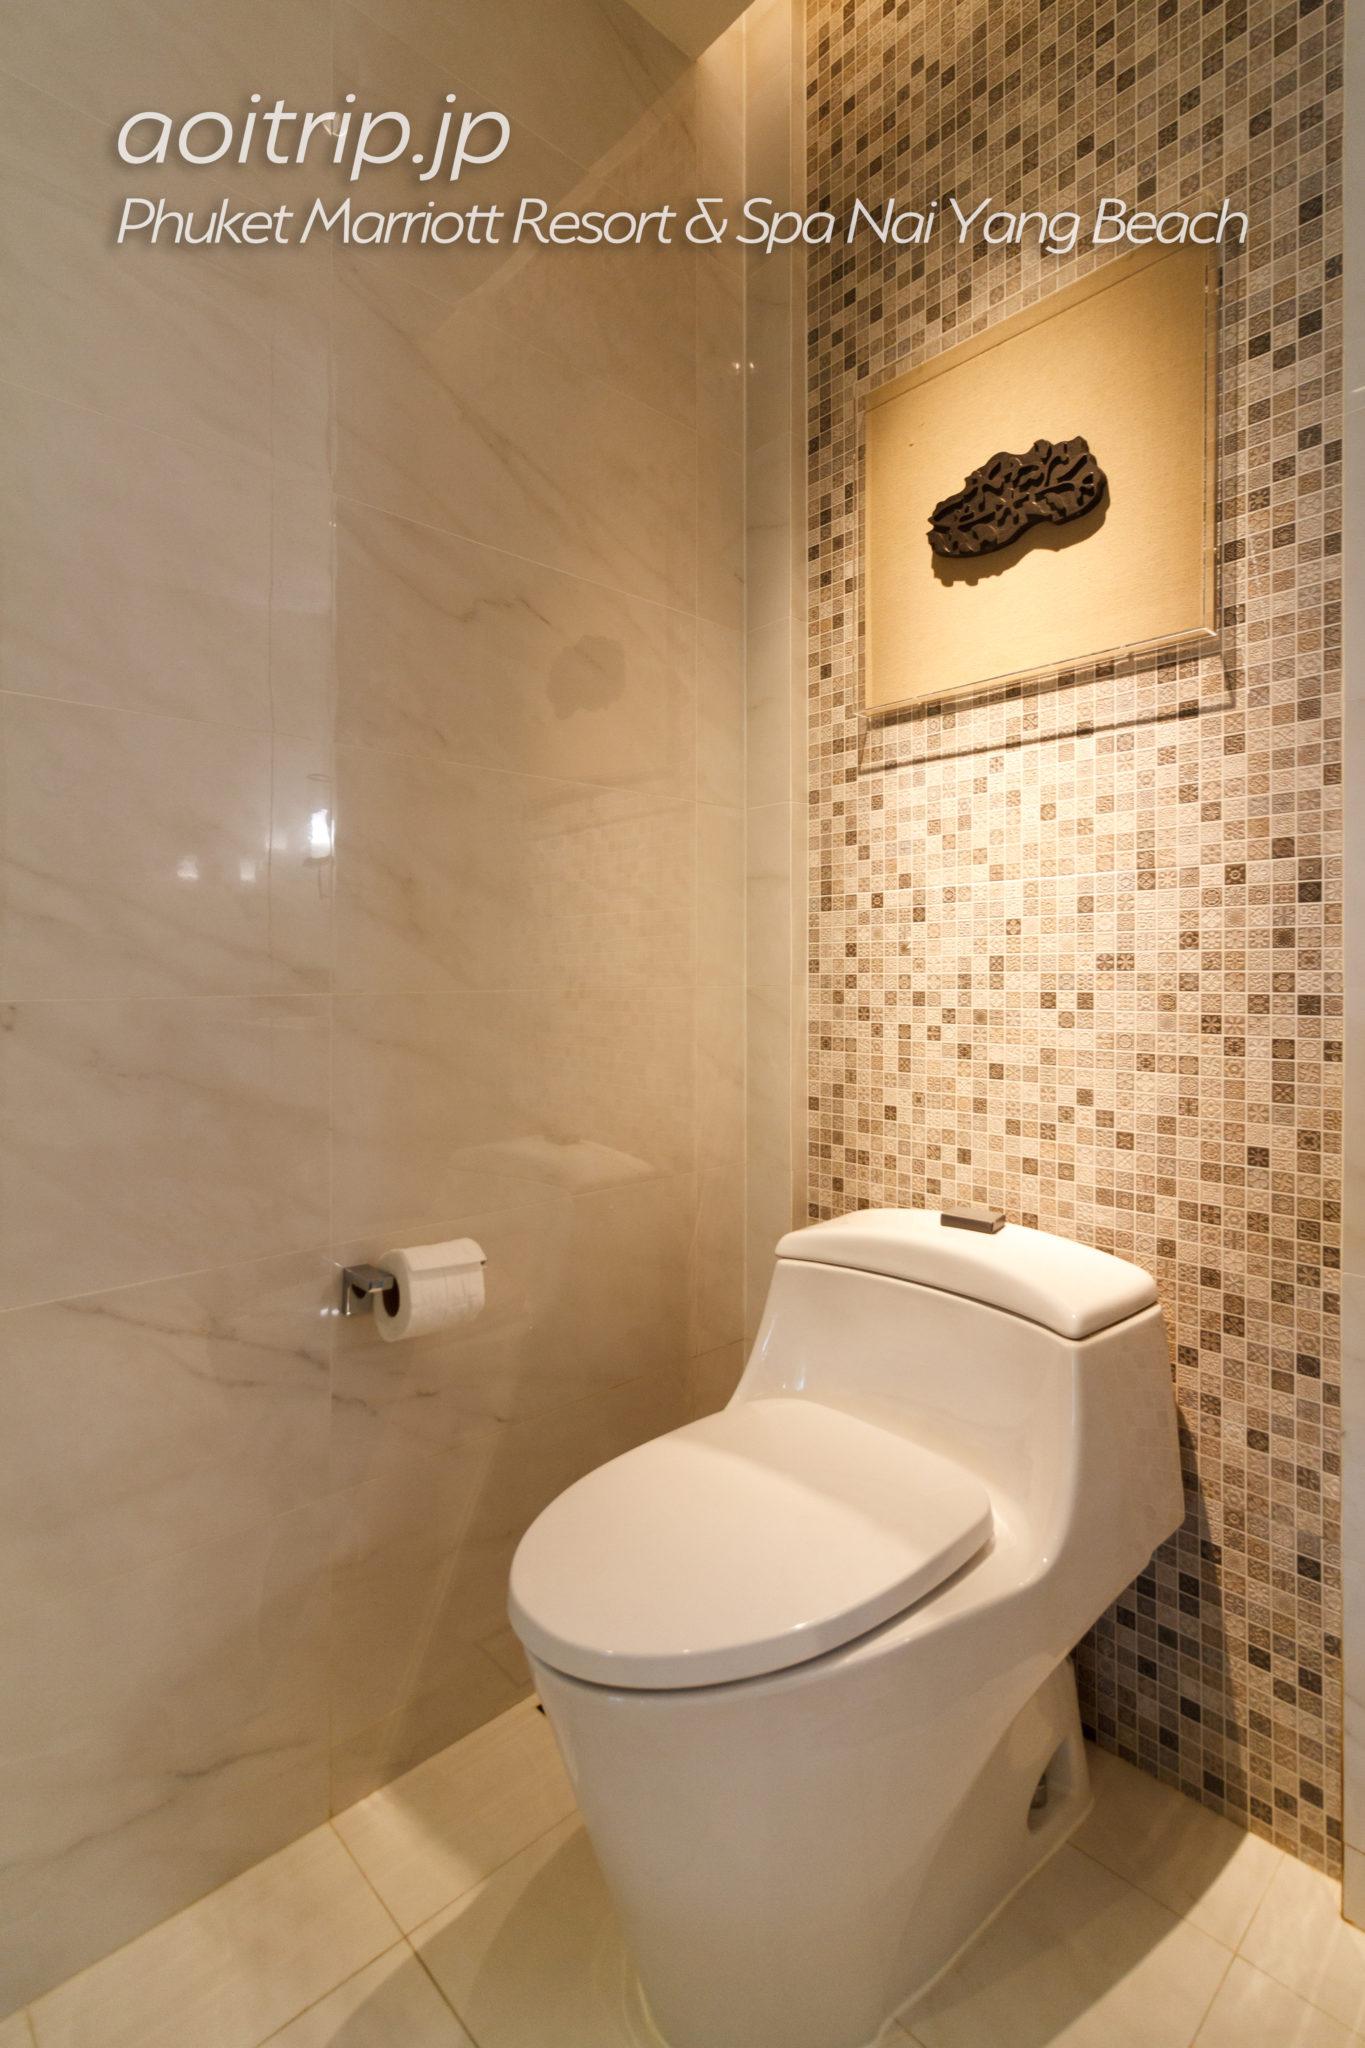 プーケット マリオット リゾート & スパ ナイヤン ビーチのトイレ